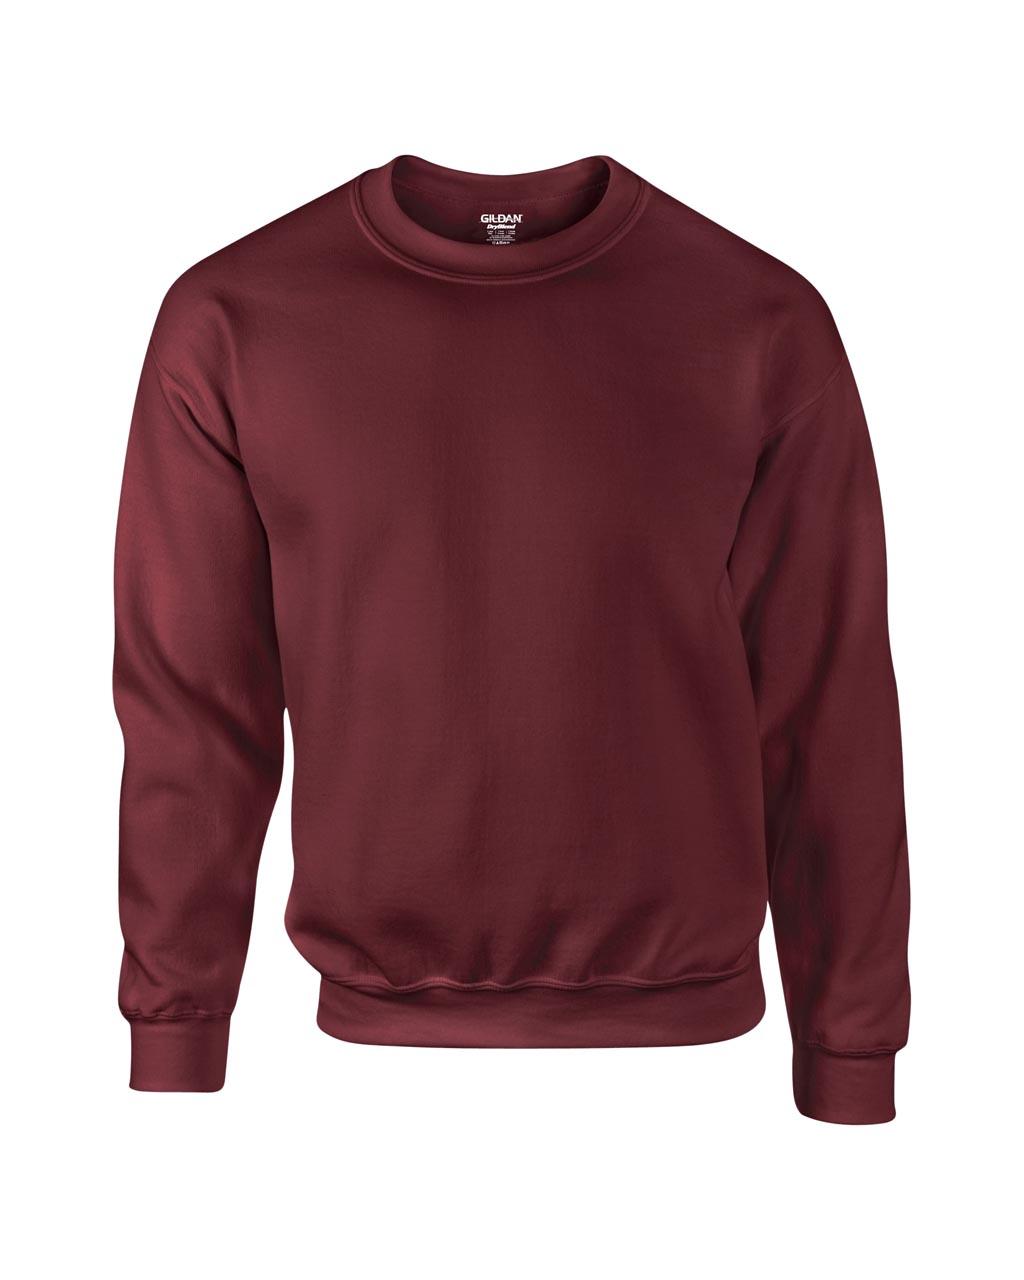 Bluze si hanorace Gildan serigrafie broderie termotransfer